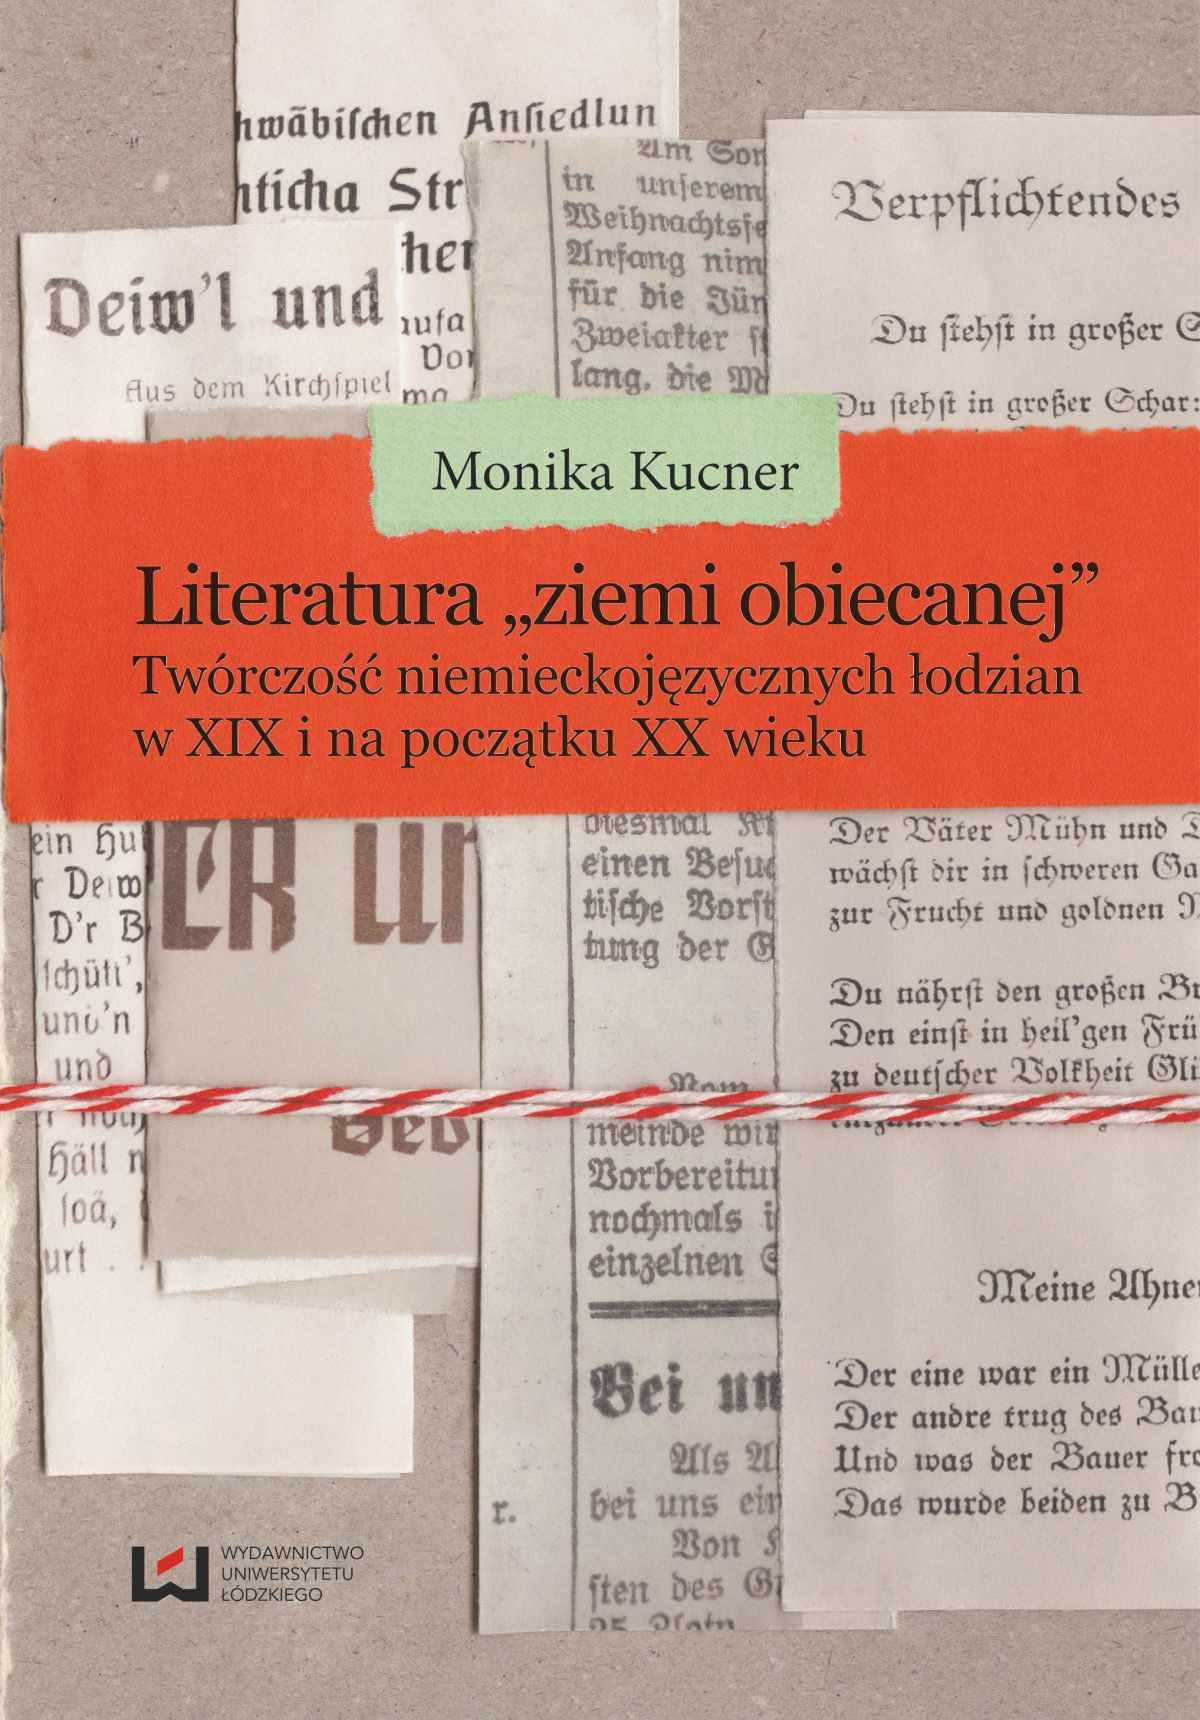 """Literatura """"ziemi obiecanej"""". Twórczość niemieckojęzycznych łodzian w XIX i na początku XX wieku - Ebook (Książka PDF) do pobrania w formacie PDF"""